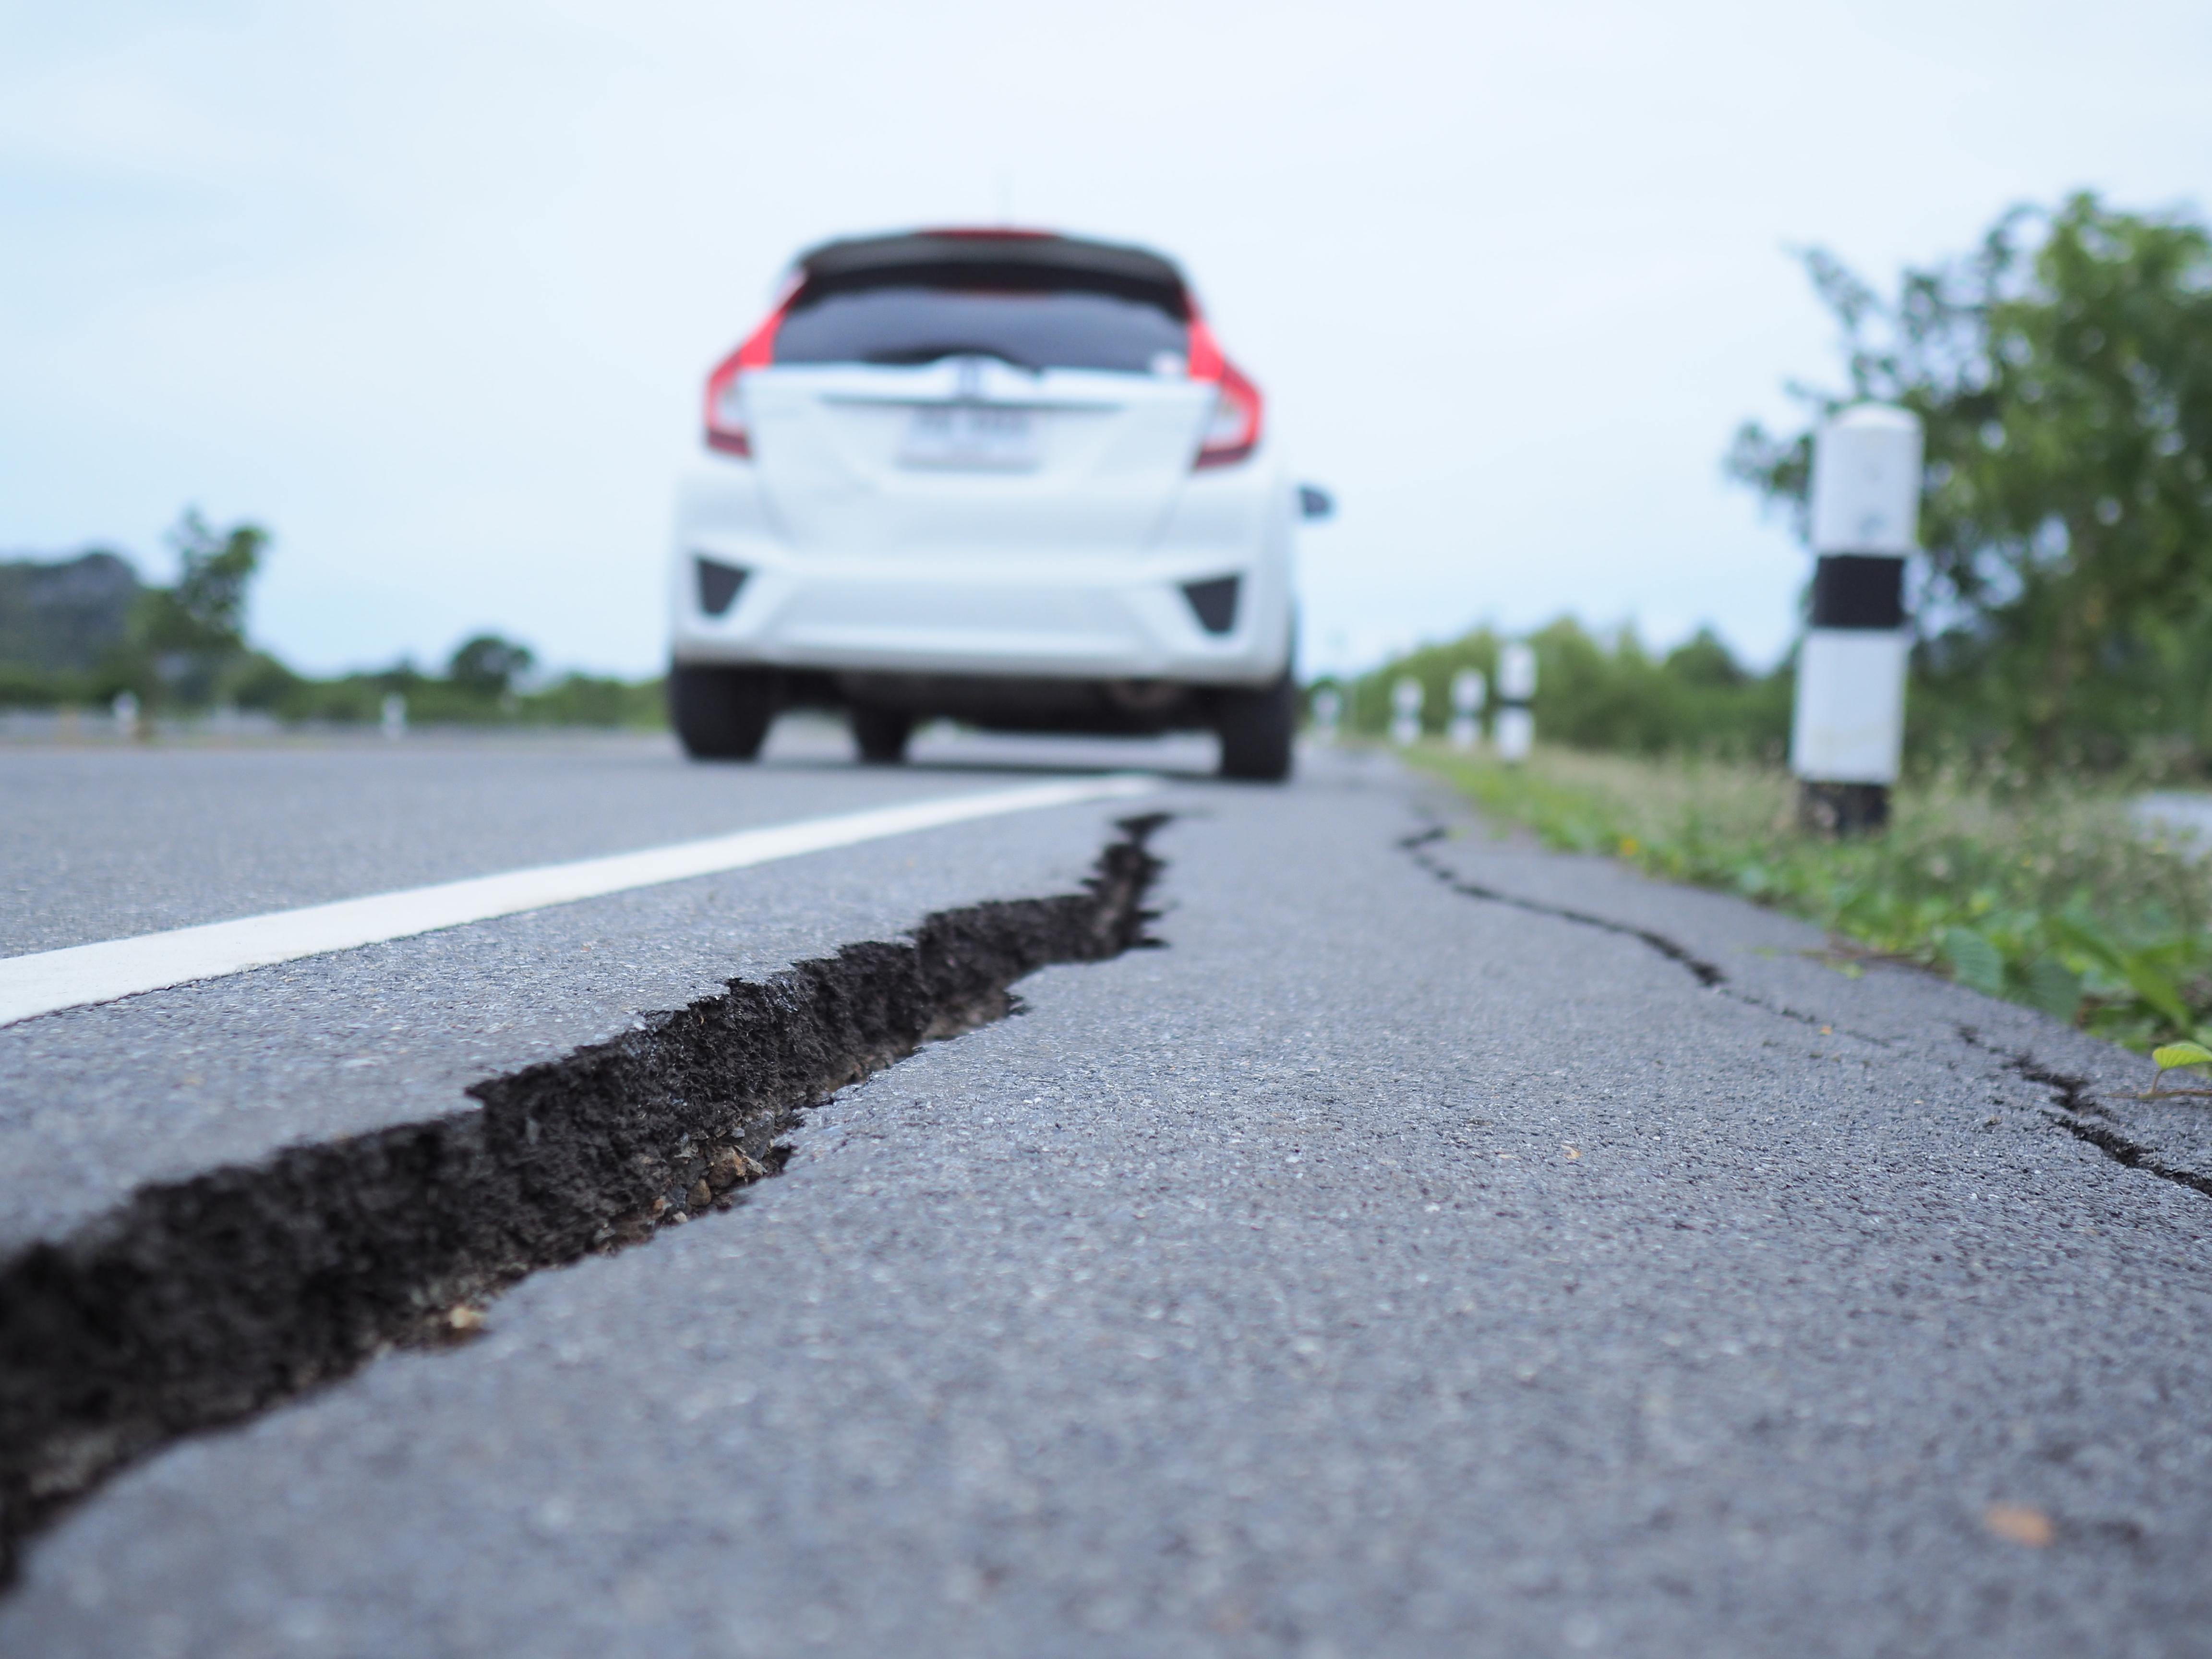 Araba Kullanırken Deprem